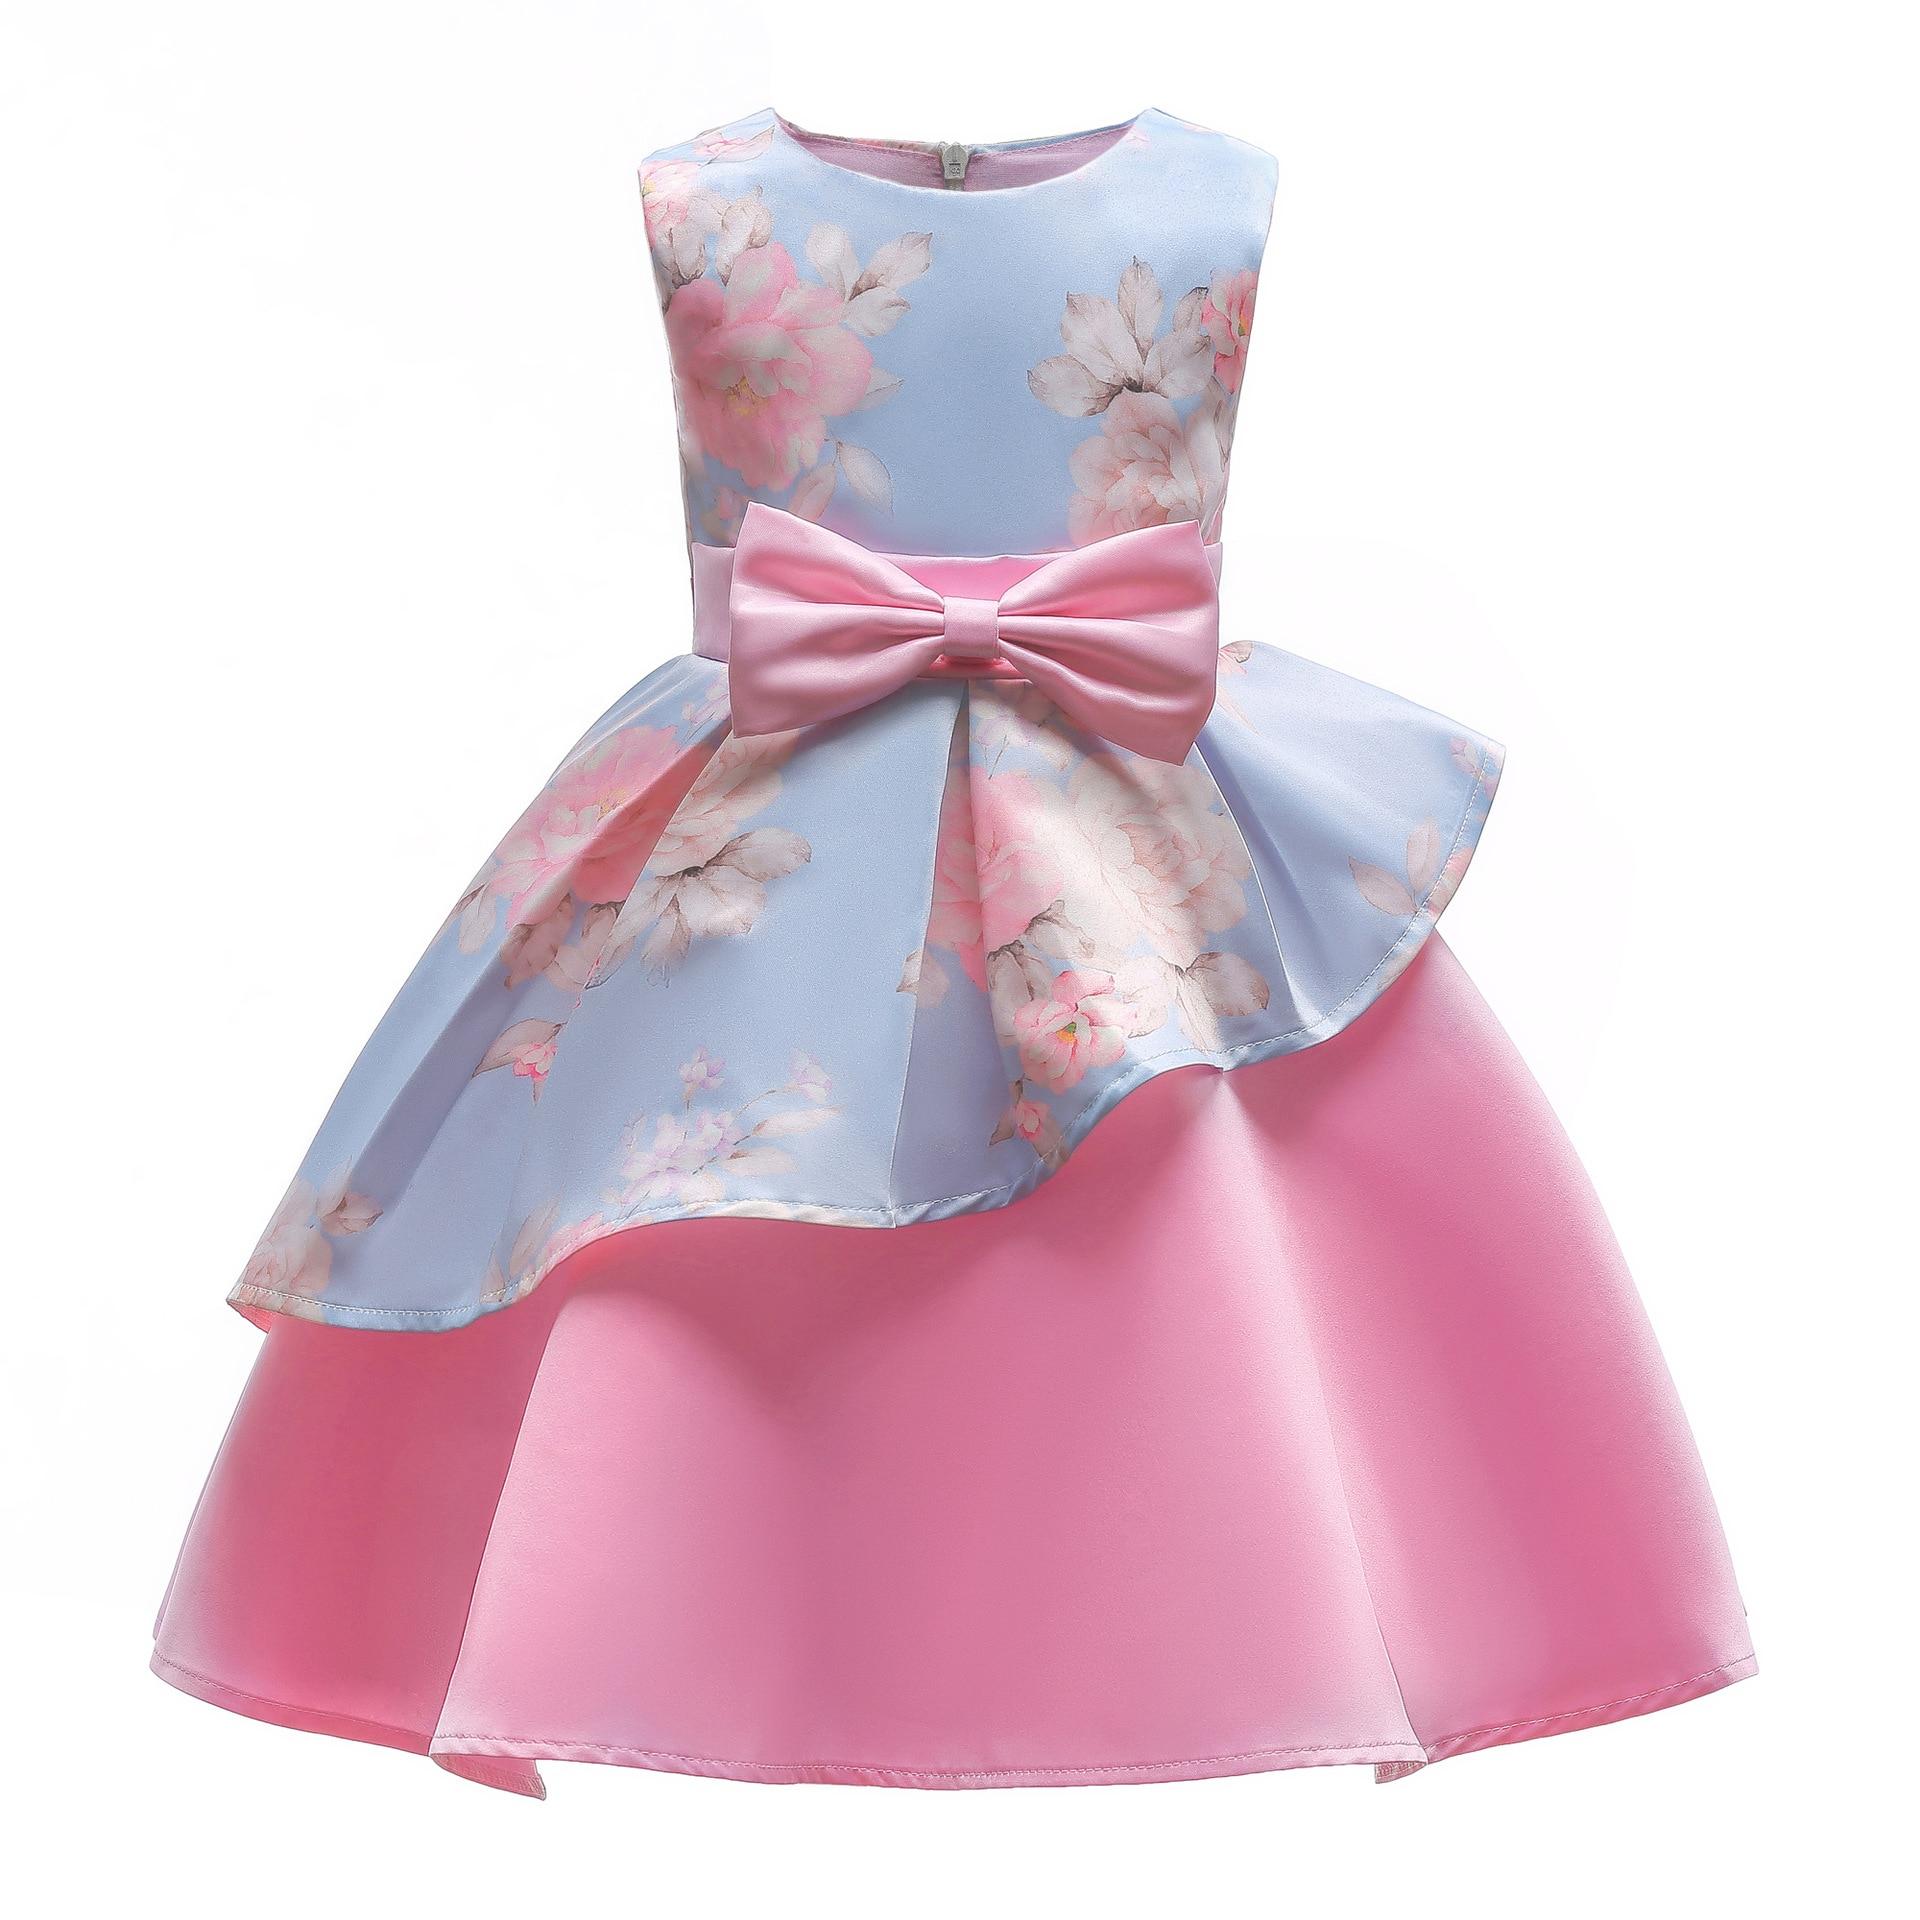 2019 Summer Irregular Print Princess Dress Luxury Girl Halloween Kids Girl Hot Pink Bow Dress Children Party Evening Dresses